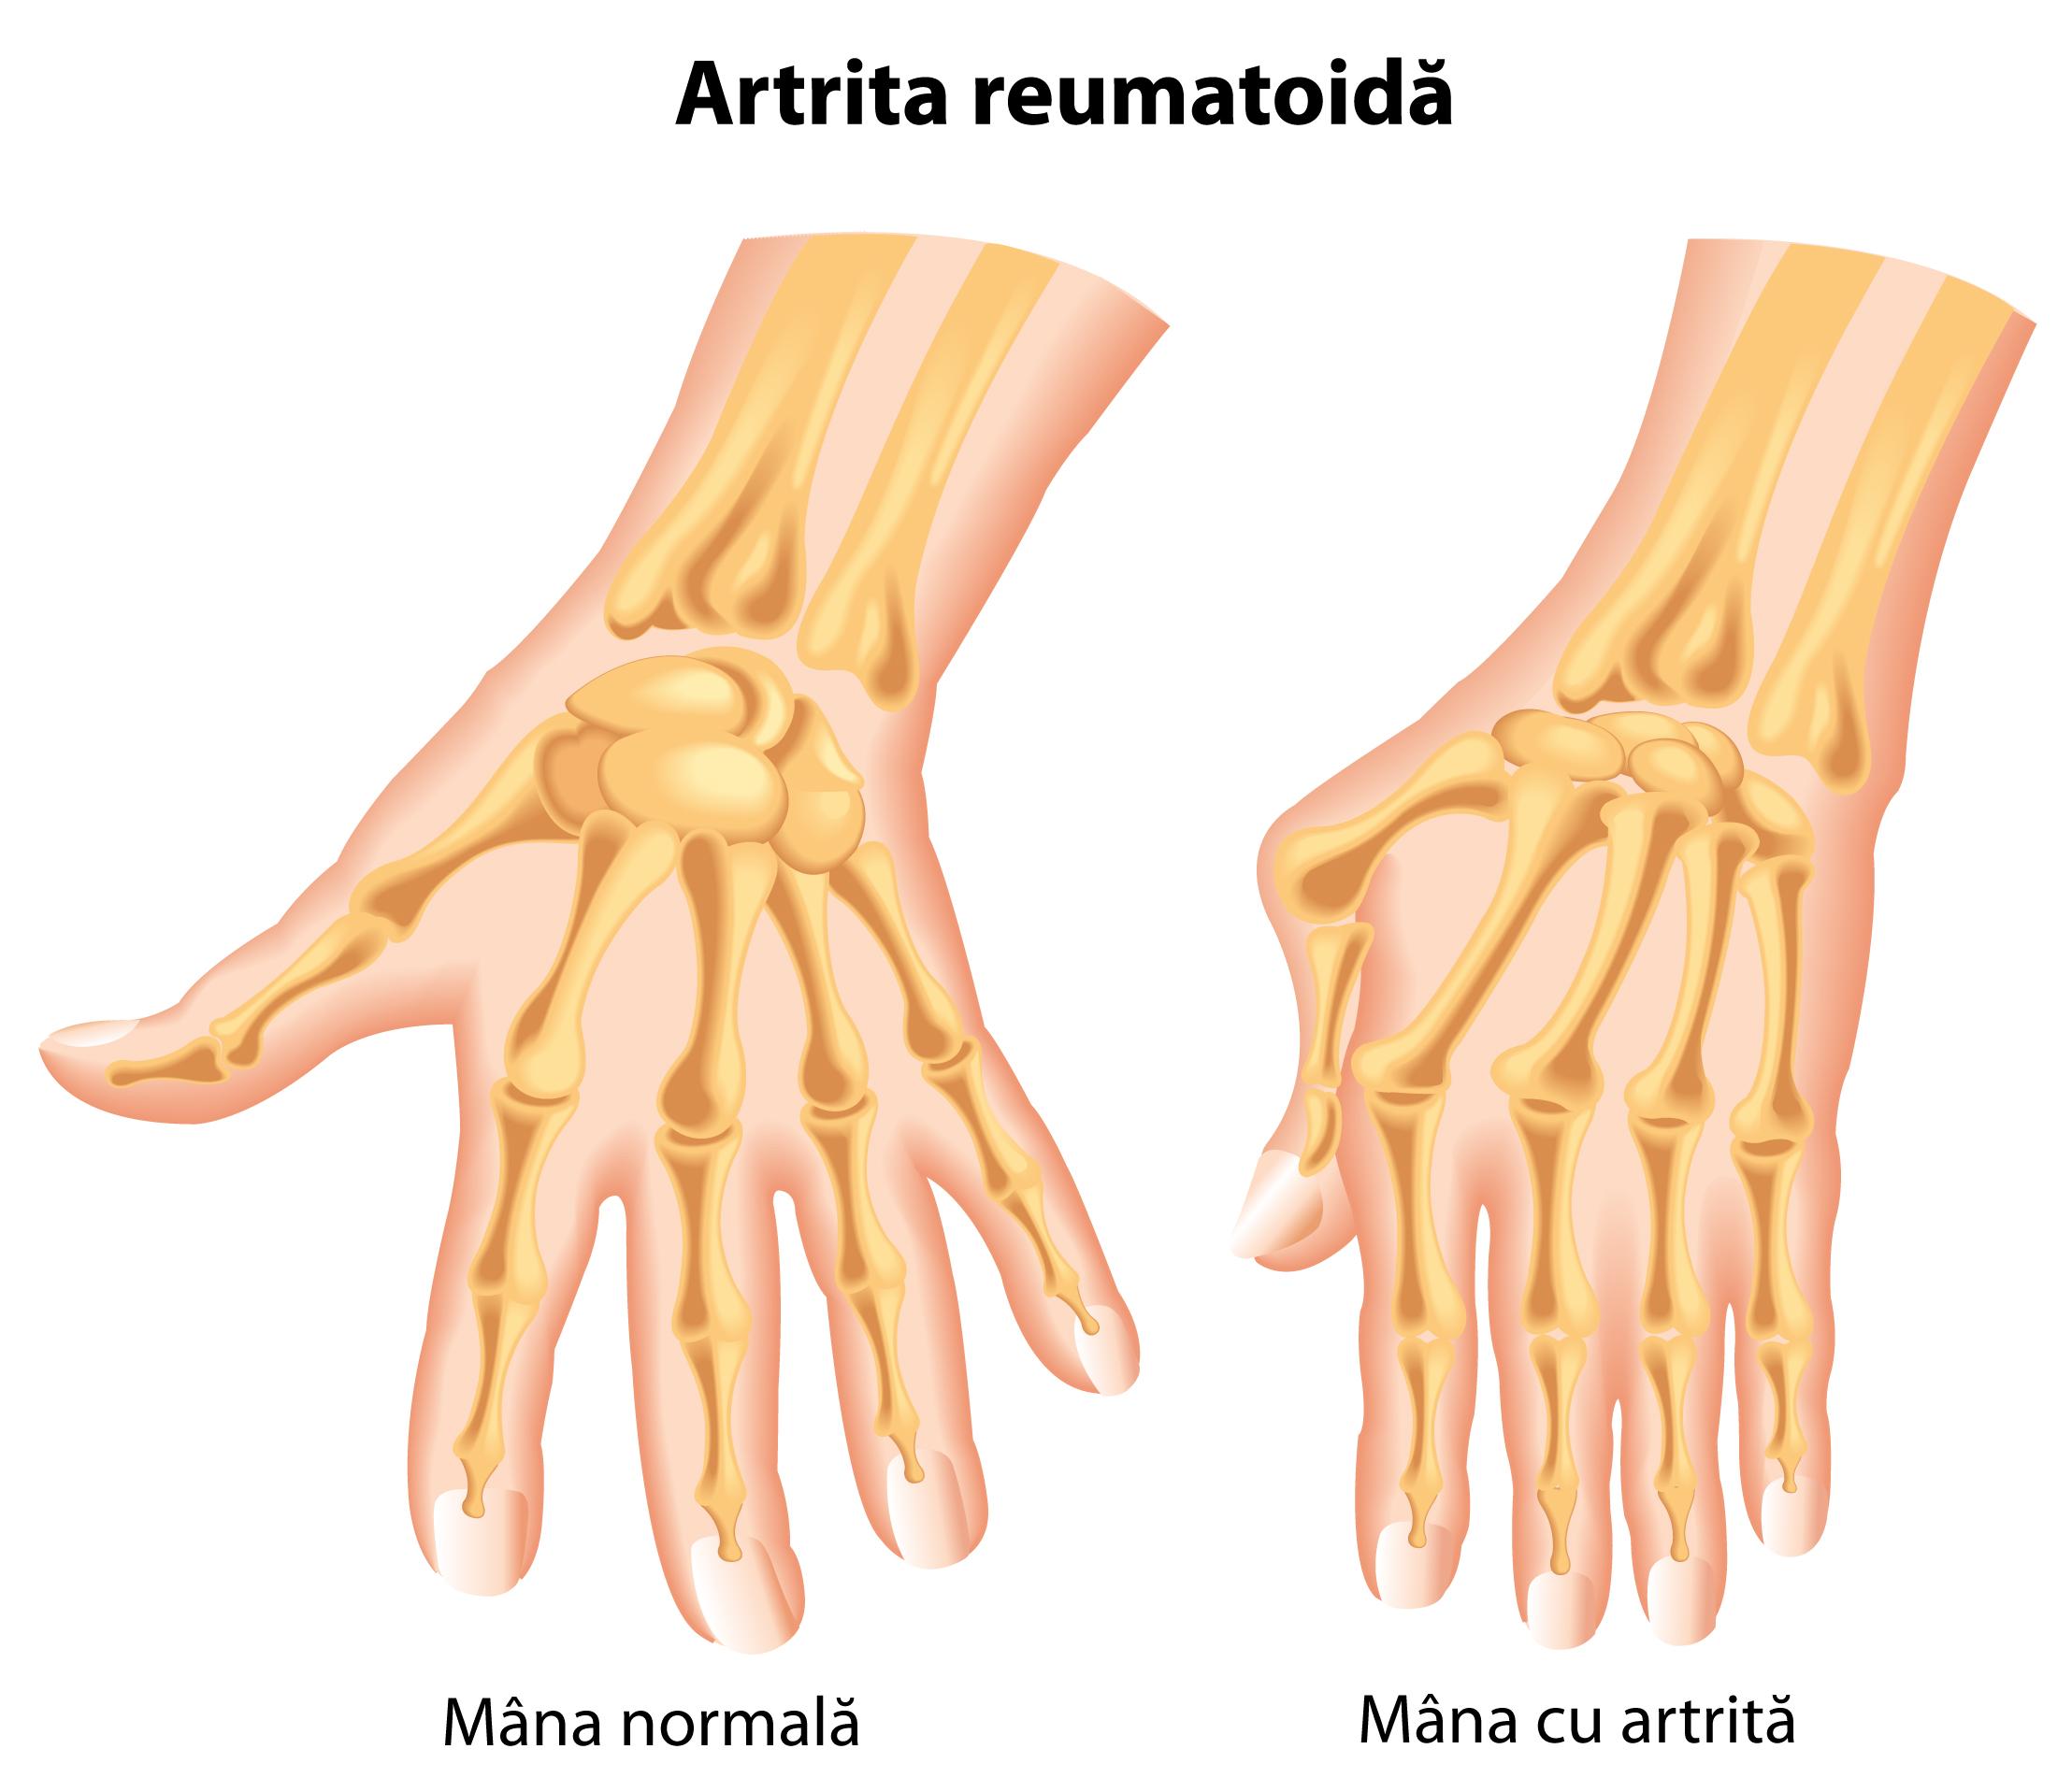 Artrita reumatoidă a tratamentului degetelor index. Cum să tratezi artroza mâinii